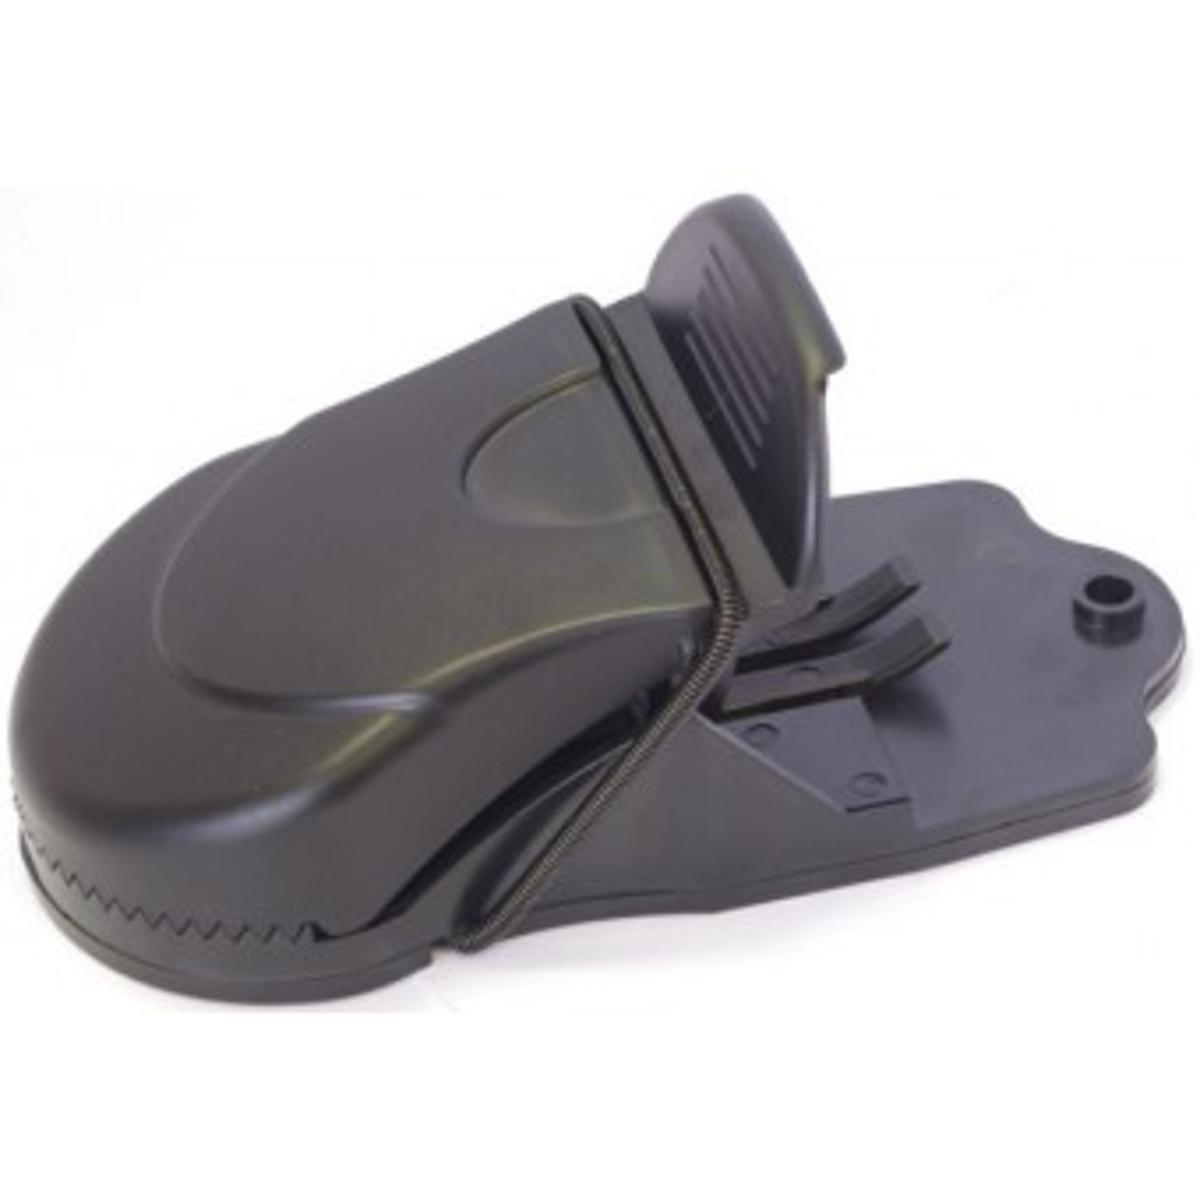 Мышеловка Mr. mouse СЗ.040016